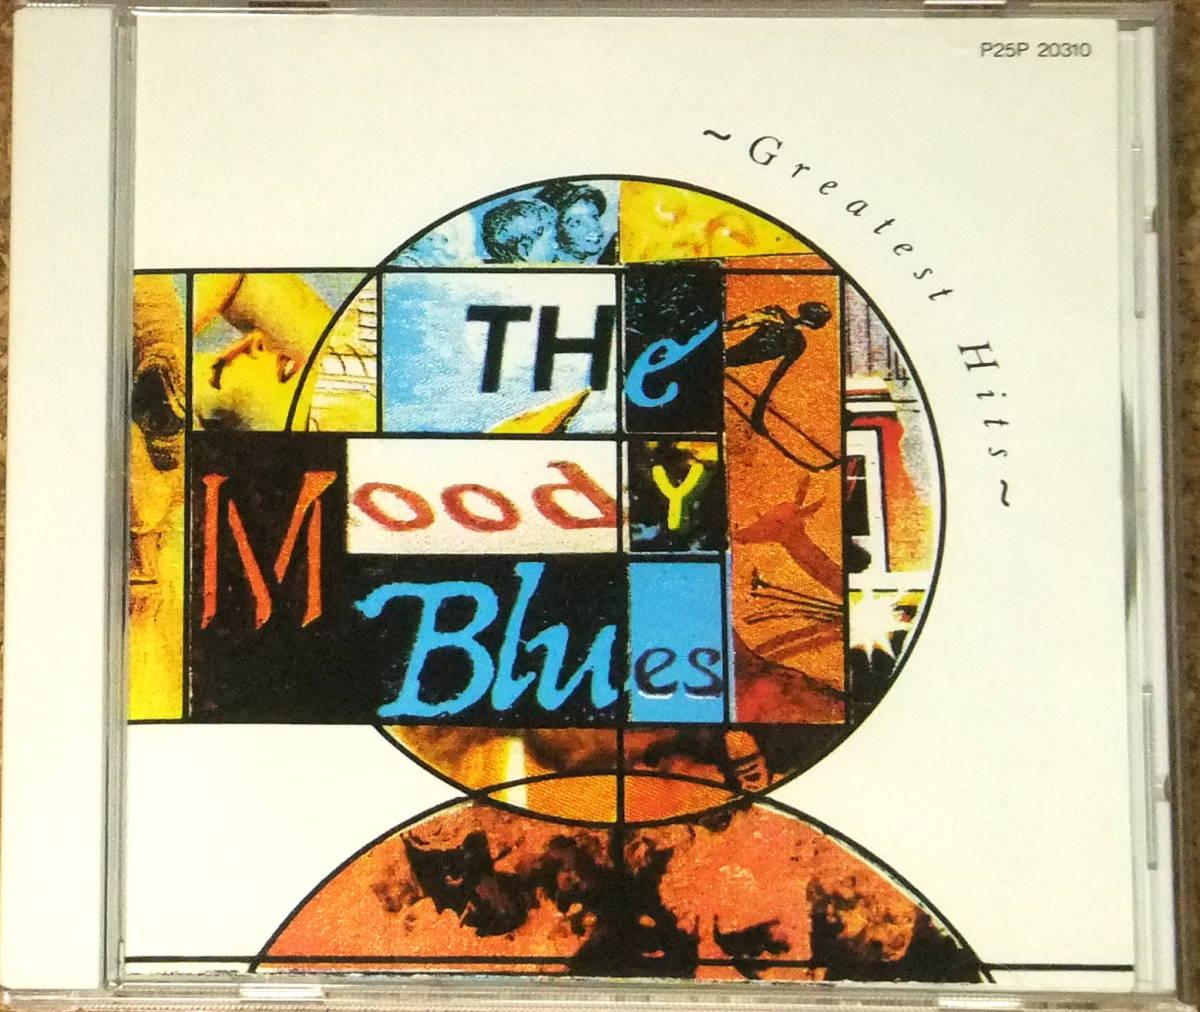 ムーディー・ブルース/グレイテスト・ヒッツ■日本盤,P25P-20310■The Moody Blues/Greatest Hits■サテンの夜,魂の叫び,神秘な世界_画像1